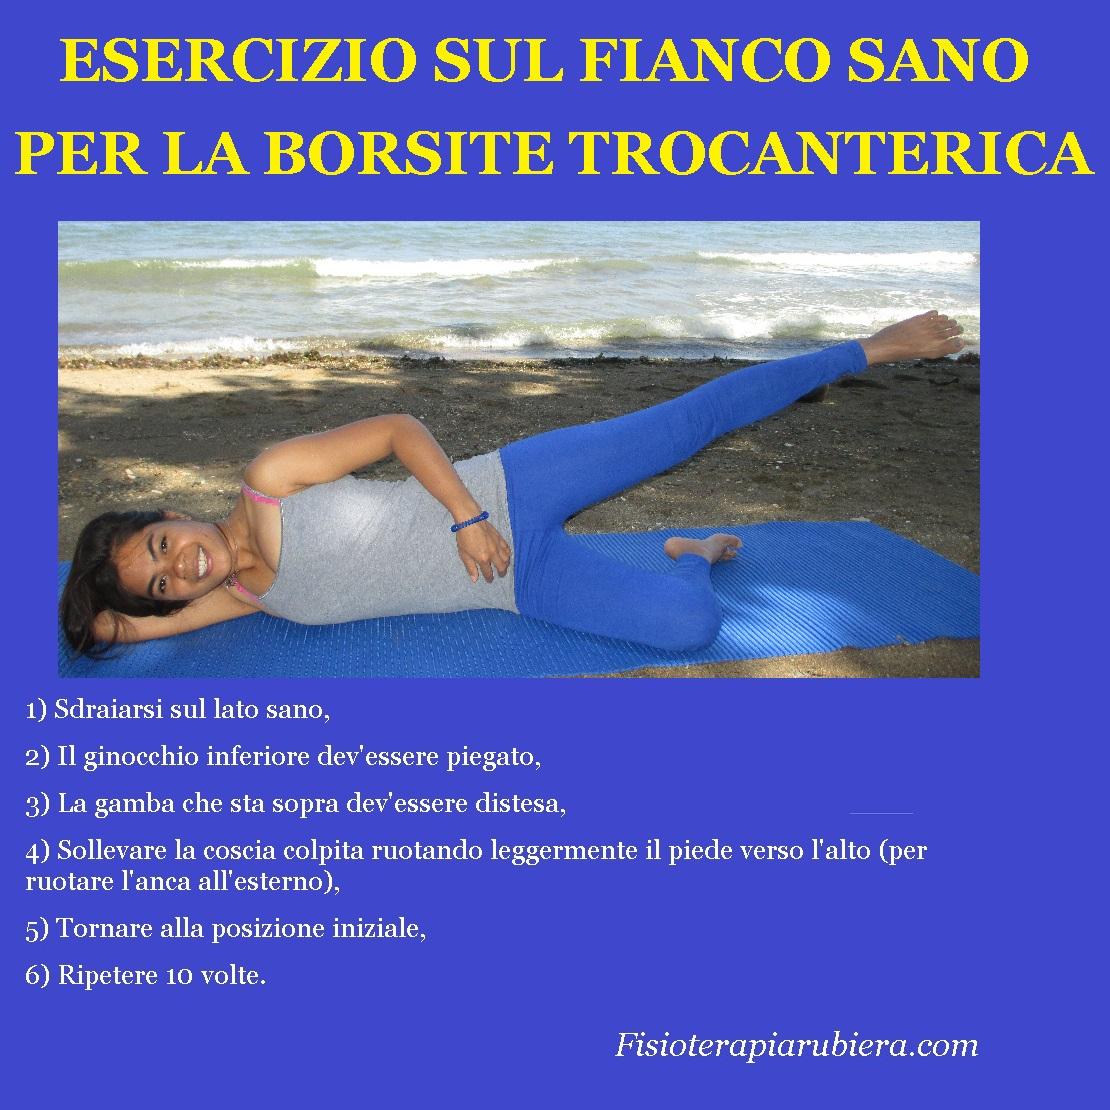 esercizio-per-borsite-trocanterica